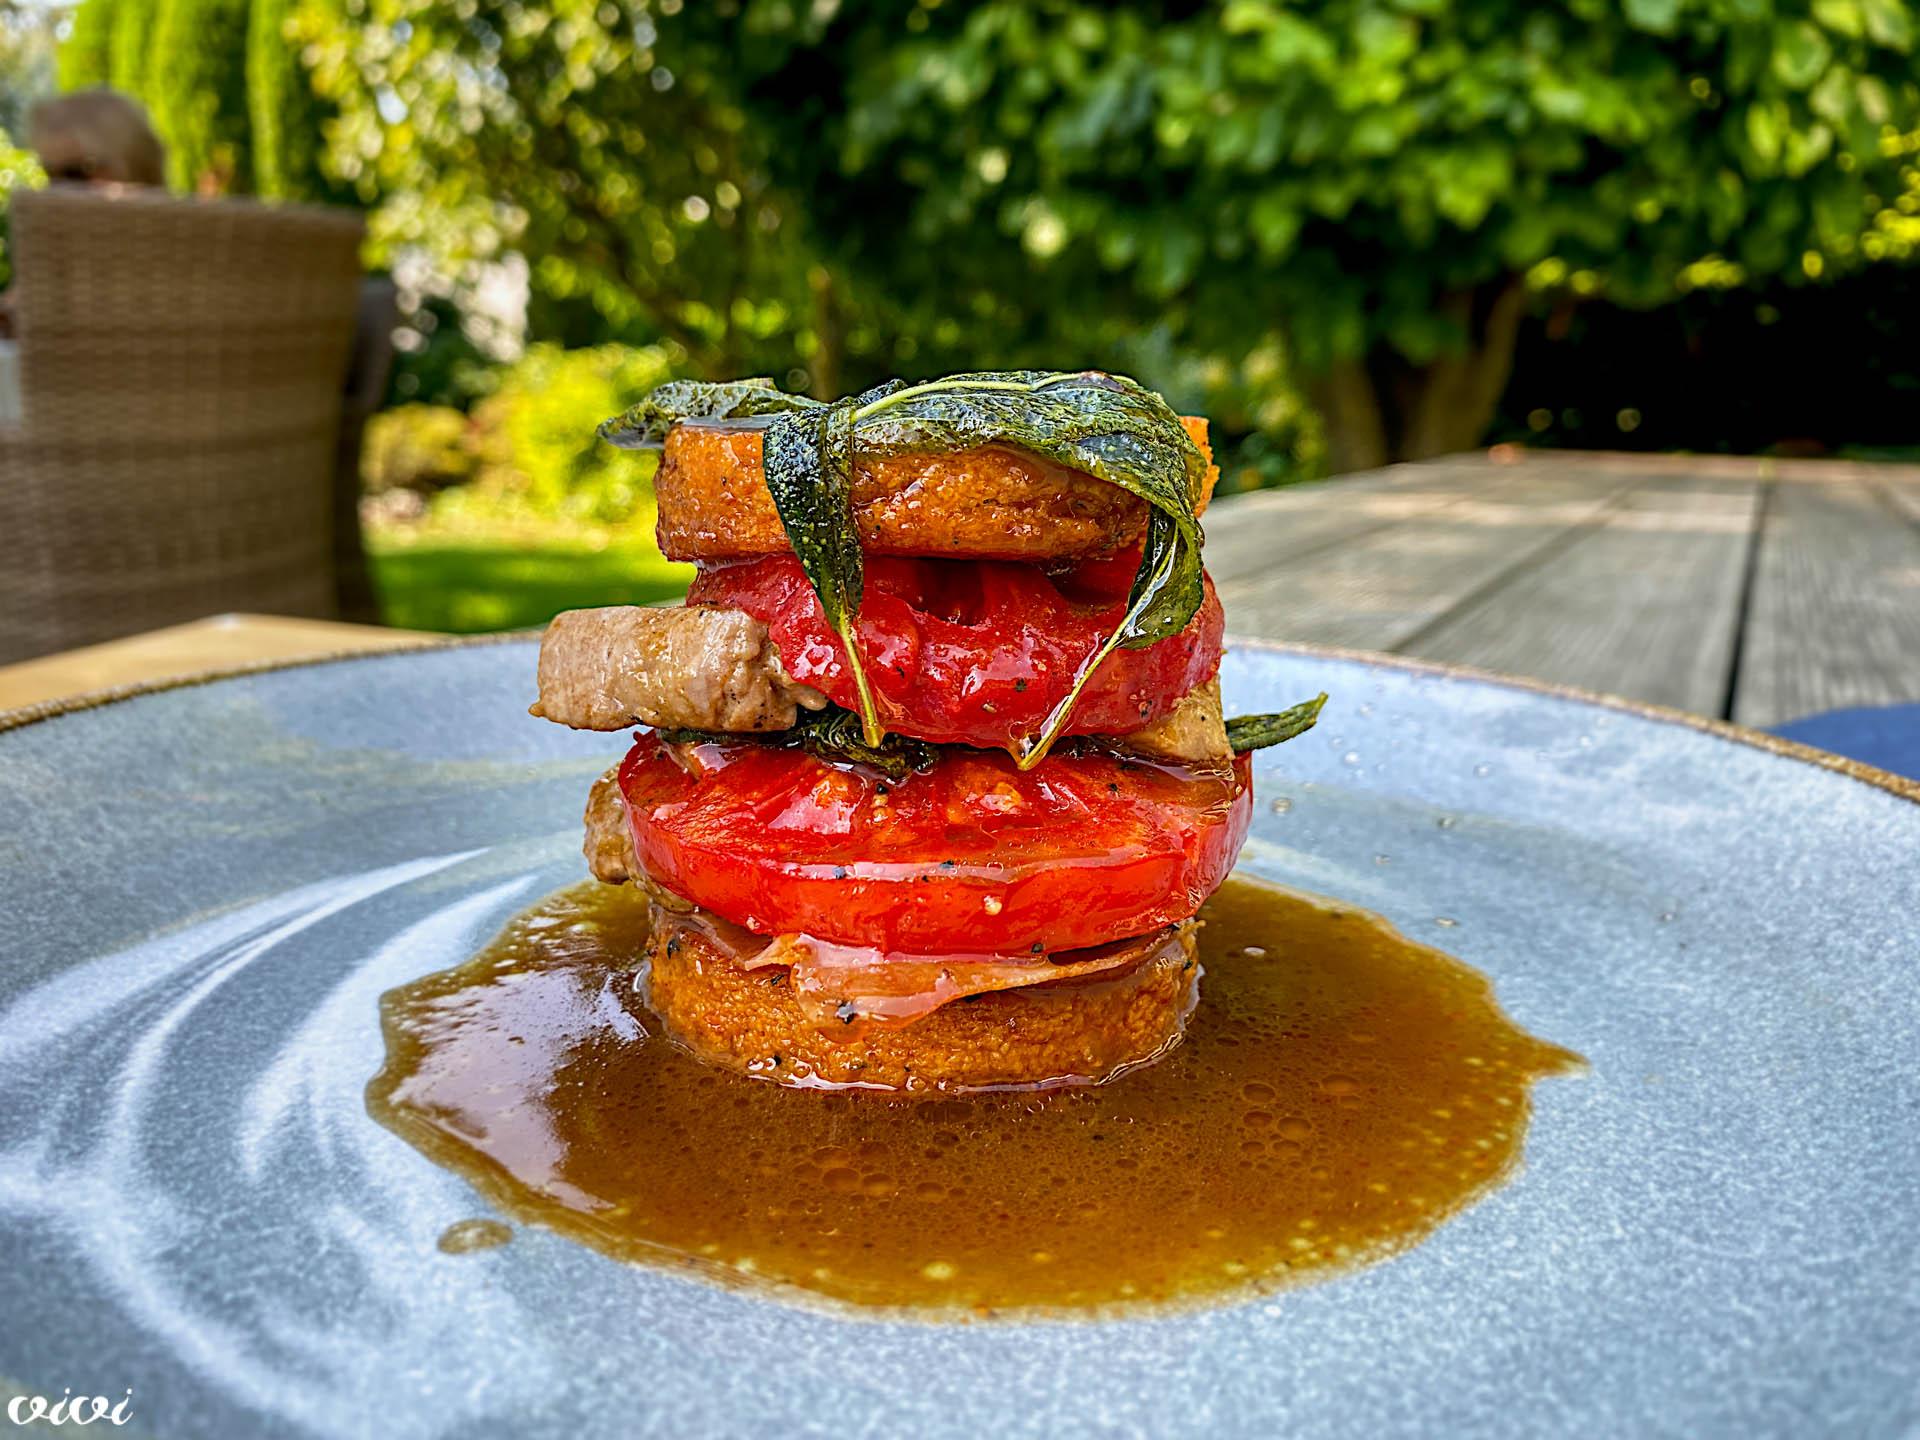 svinjska saltimboka s paradižnikovo polento